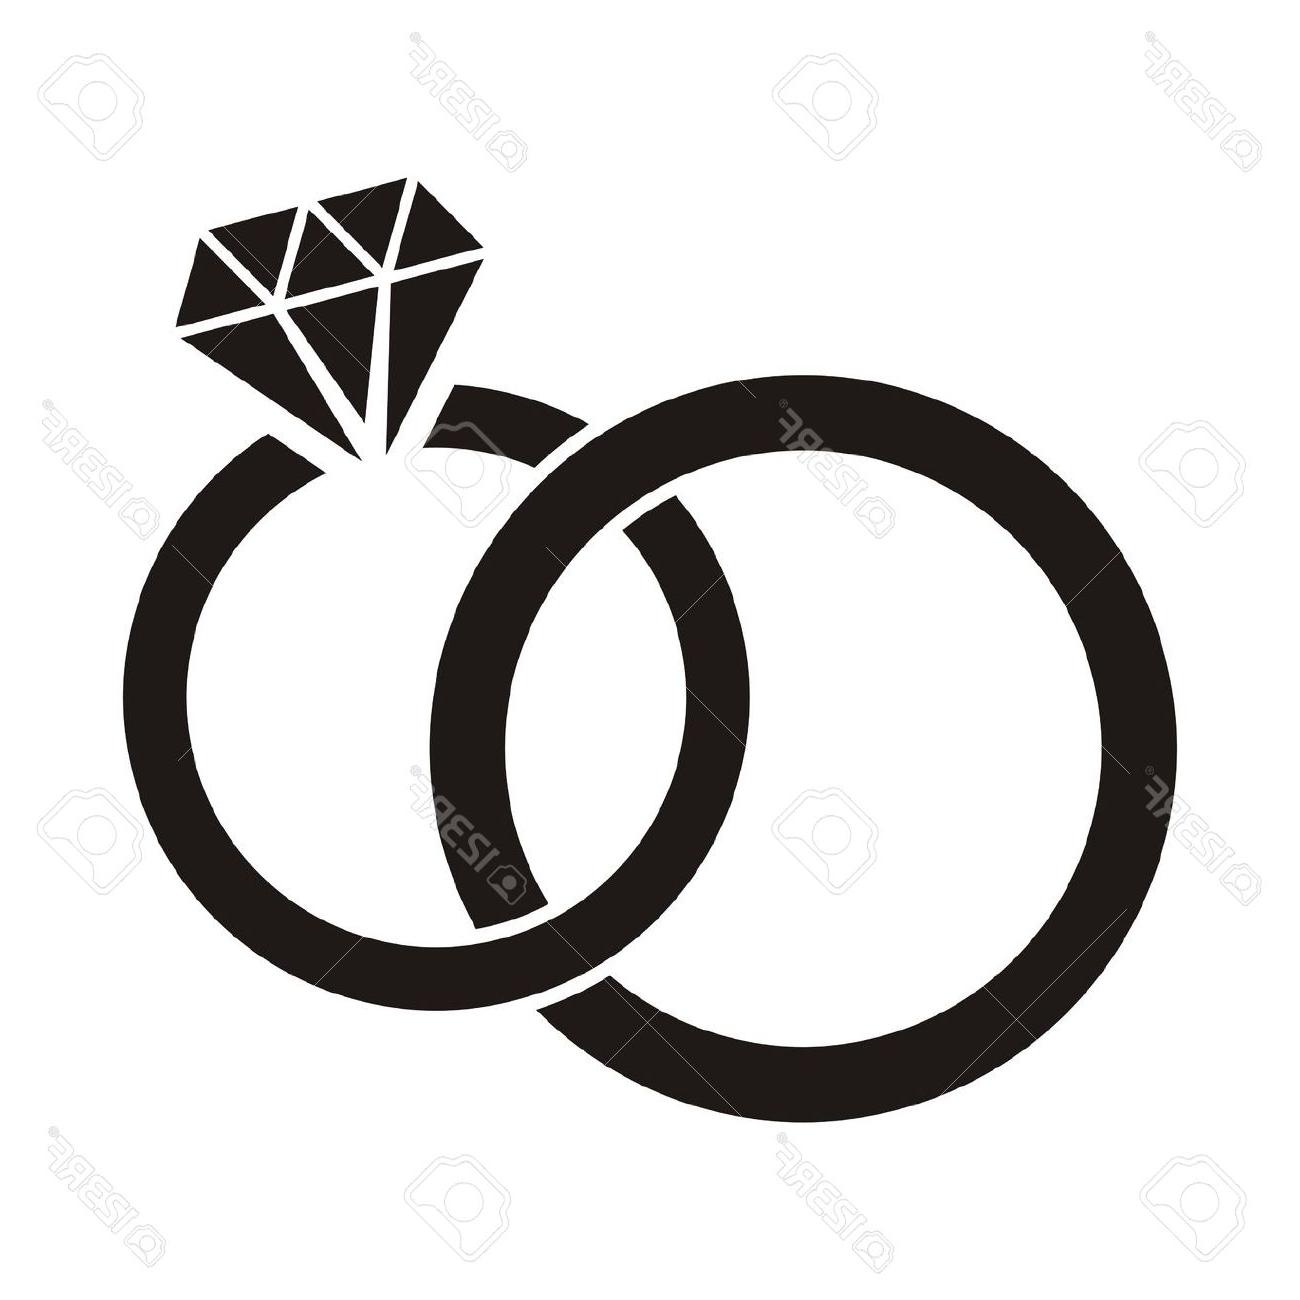 2016 clipart wedding. Illustration mariage noir anneaux